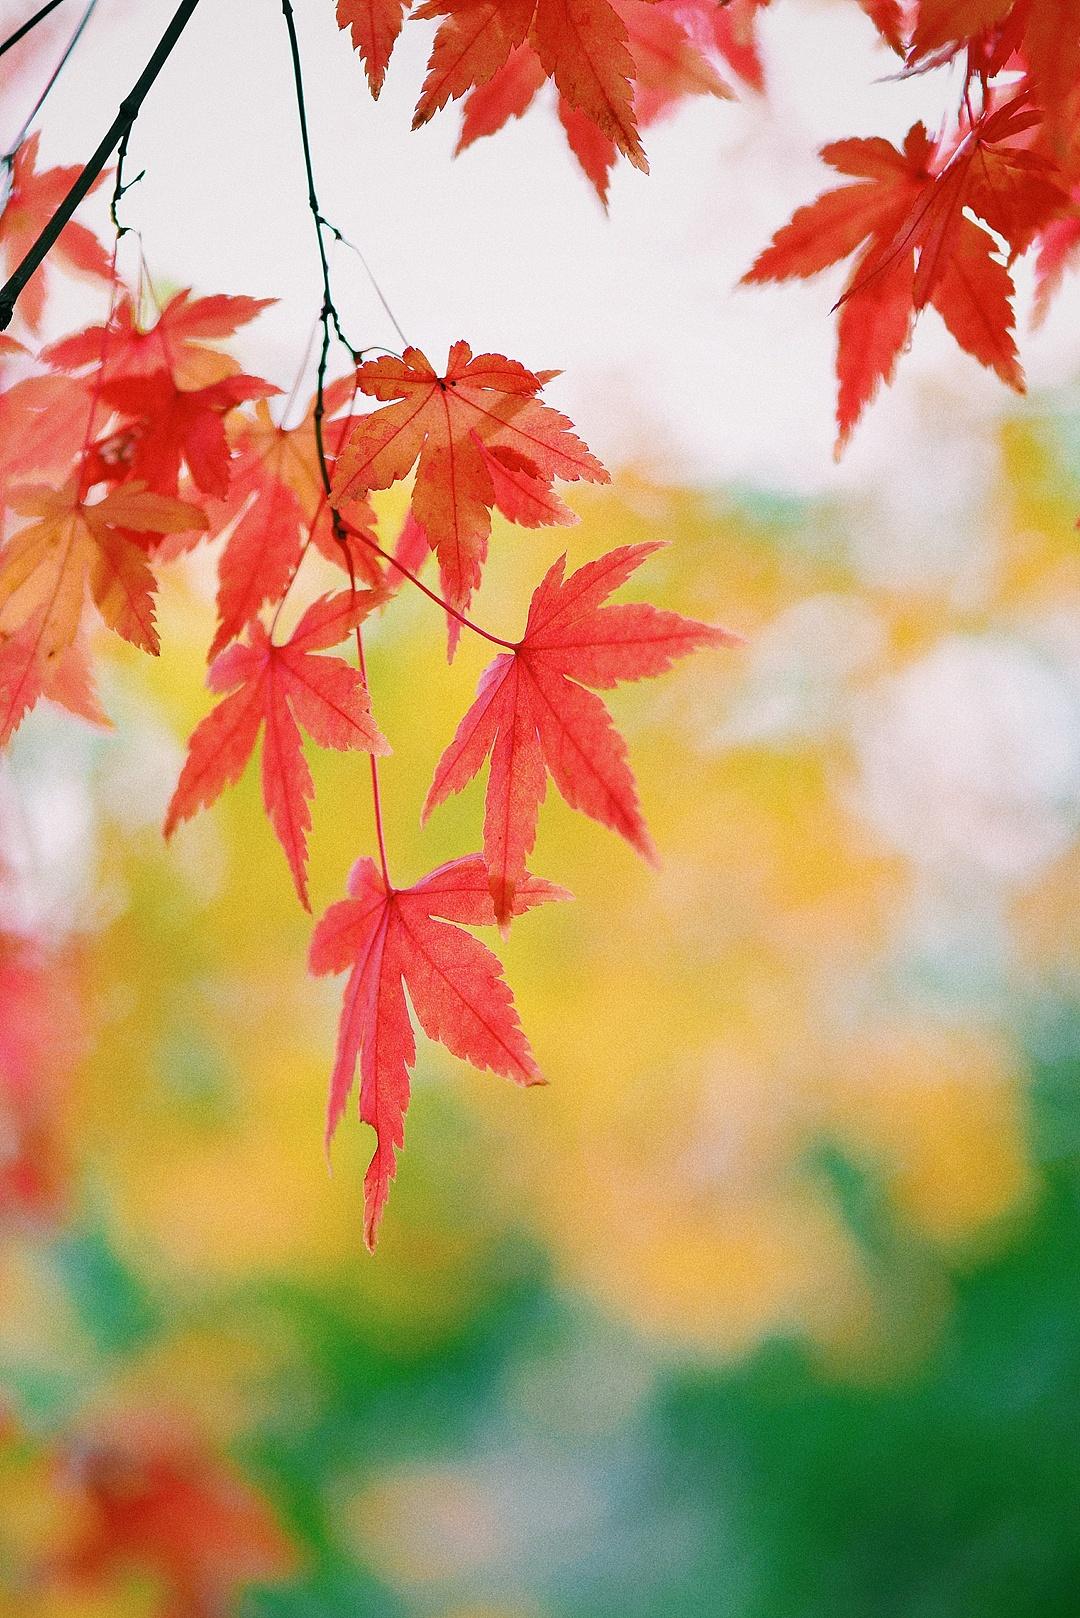 青岛崂山北九水 枫叶|摄影|人像|逆转时光 - 原创作品图片